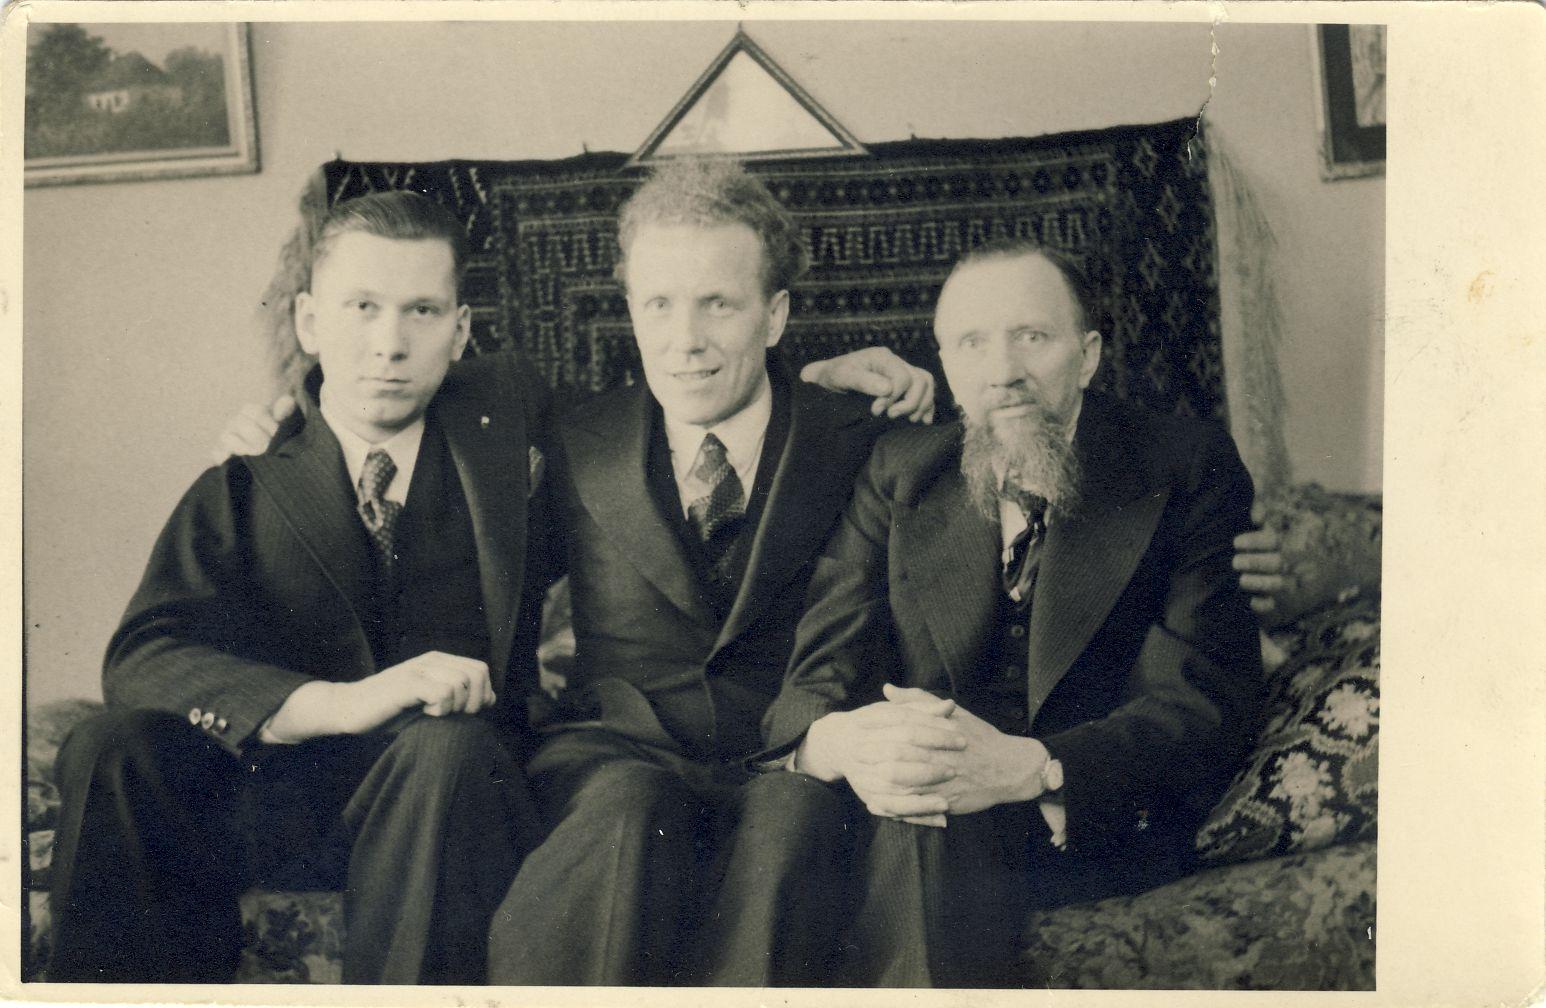 Iš kairės: V. Sirijos Gira, estų poetas Ago Joger ir Liudas Gira. Apie 1936 m.